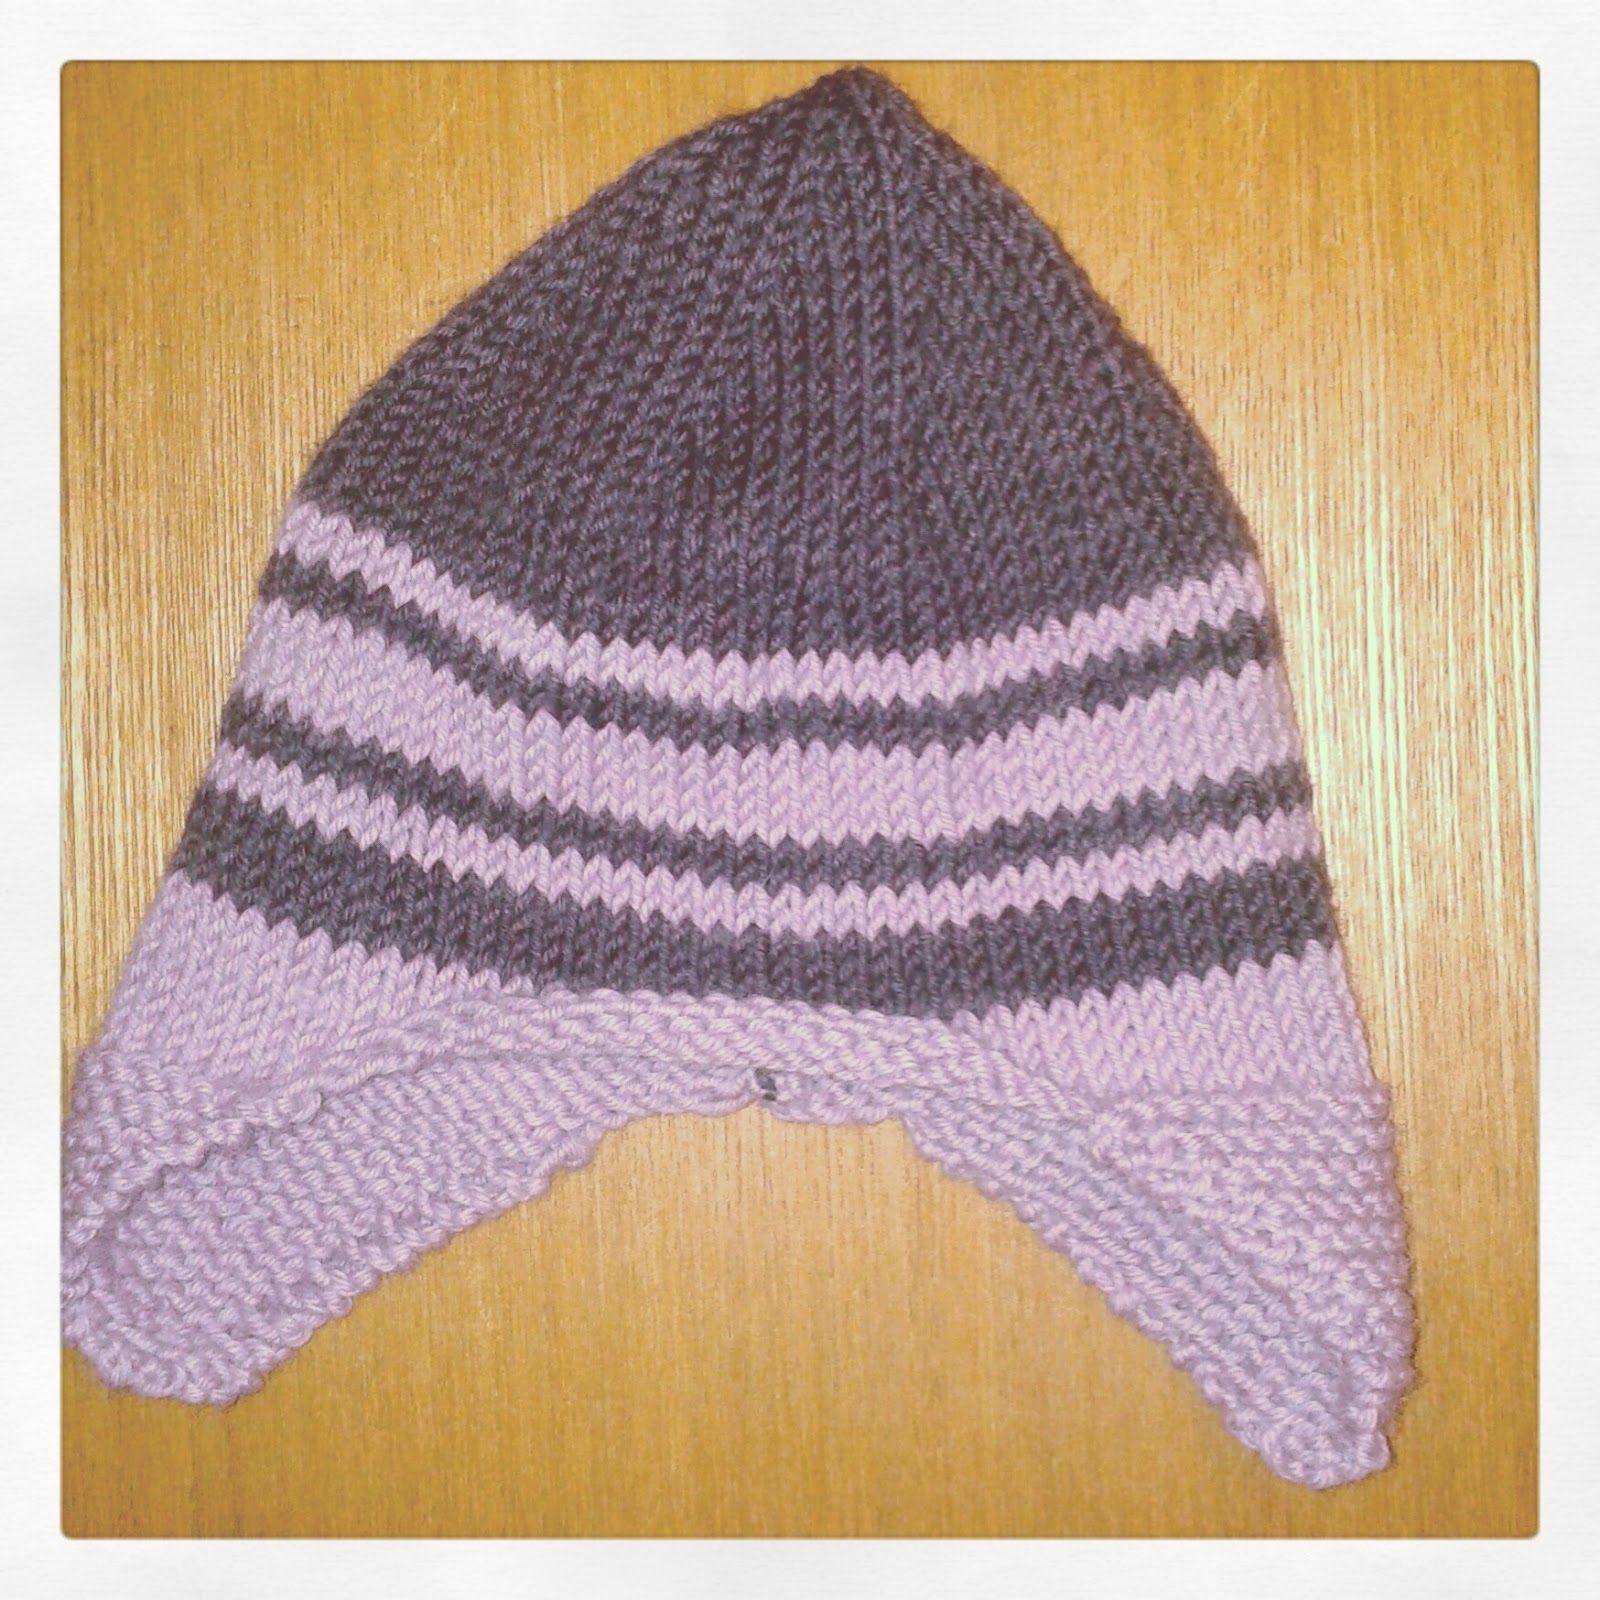 Bonnet en laine Fonty pour une petite fille